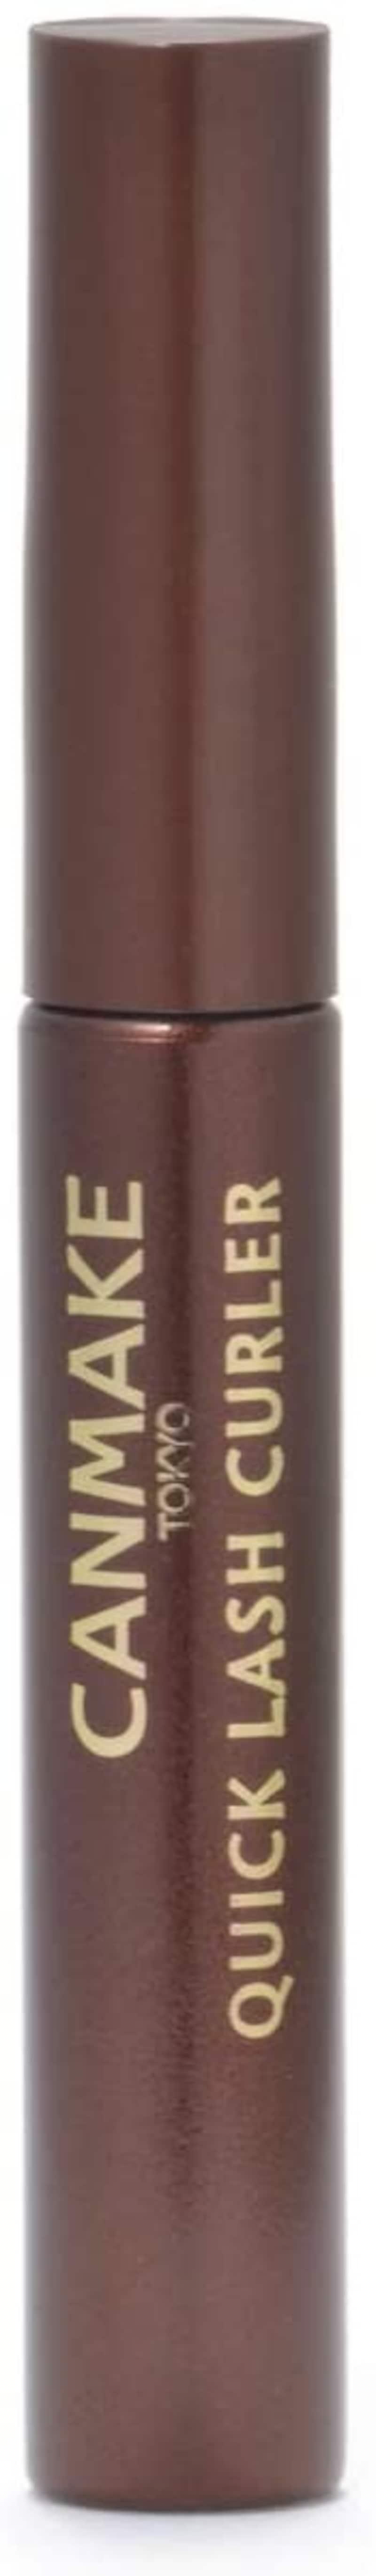 キャンメイク(CANMAKE),クイックラッシュカーラー BR ブラウン,4901008311340